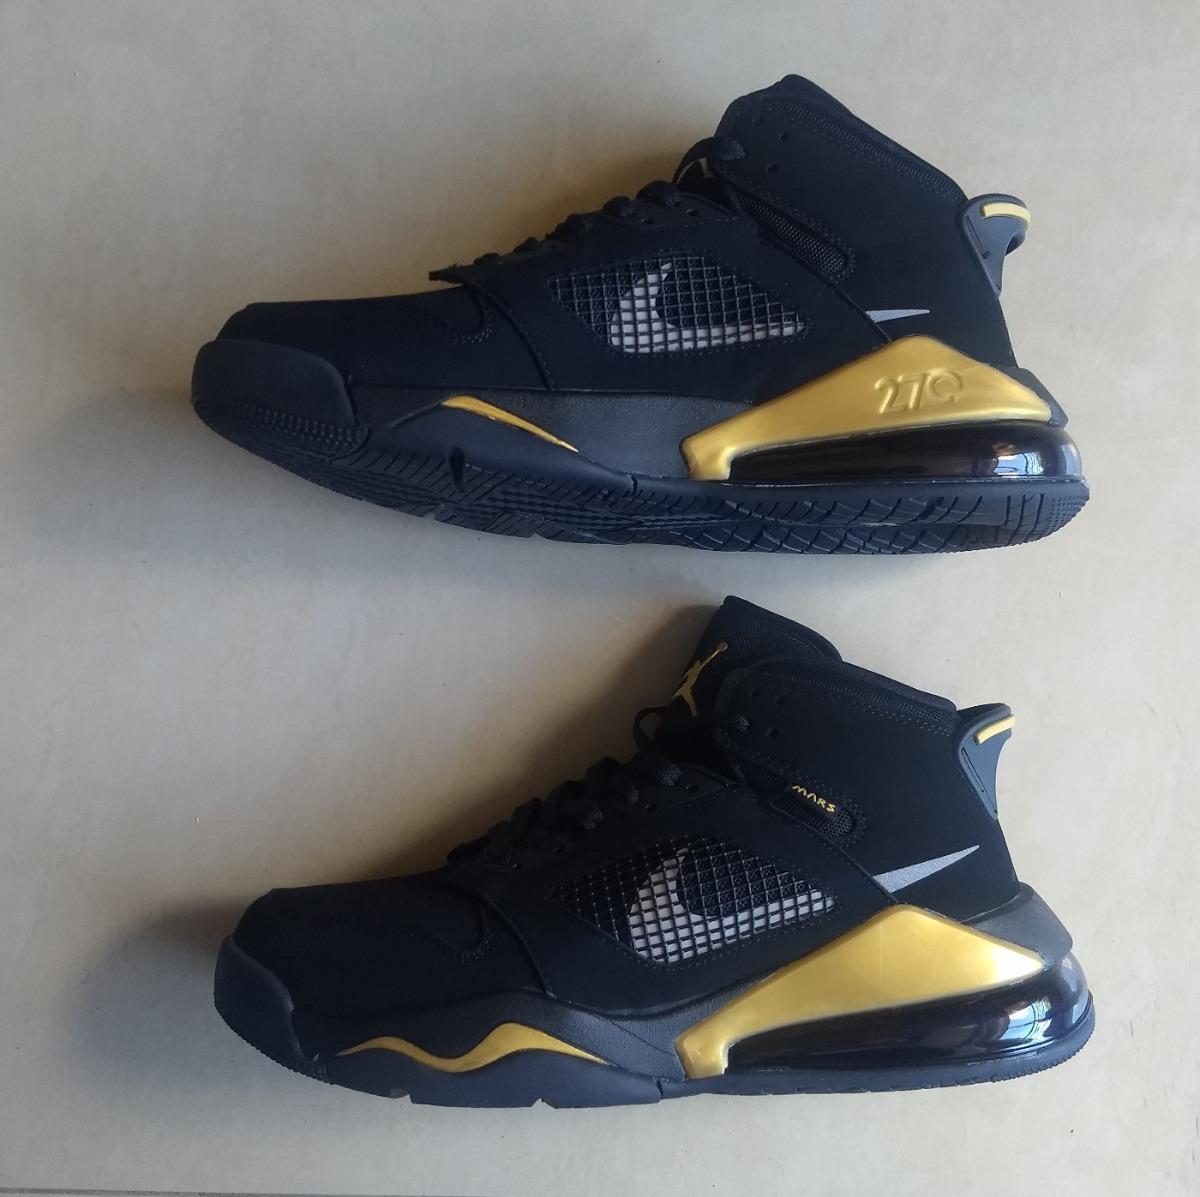 Paleto Crónica oración  Kp3 Botas Caballeros Nike Air Jordan Mars 270 Negro Dorado - Bs.  10.617.000,00 en Mercado Libre